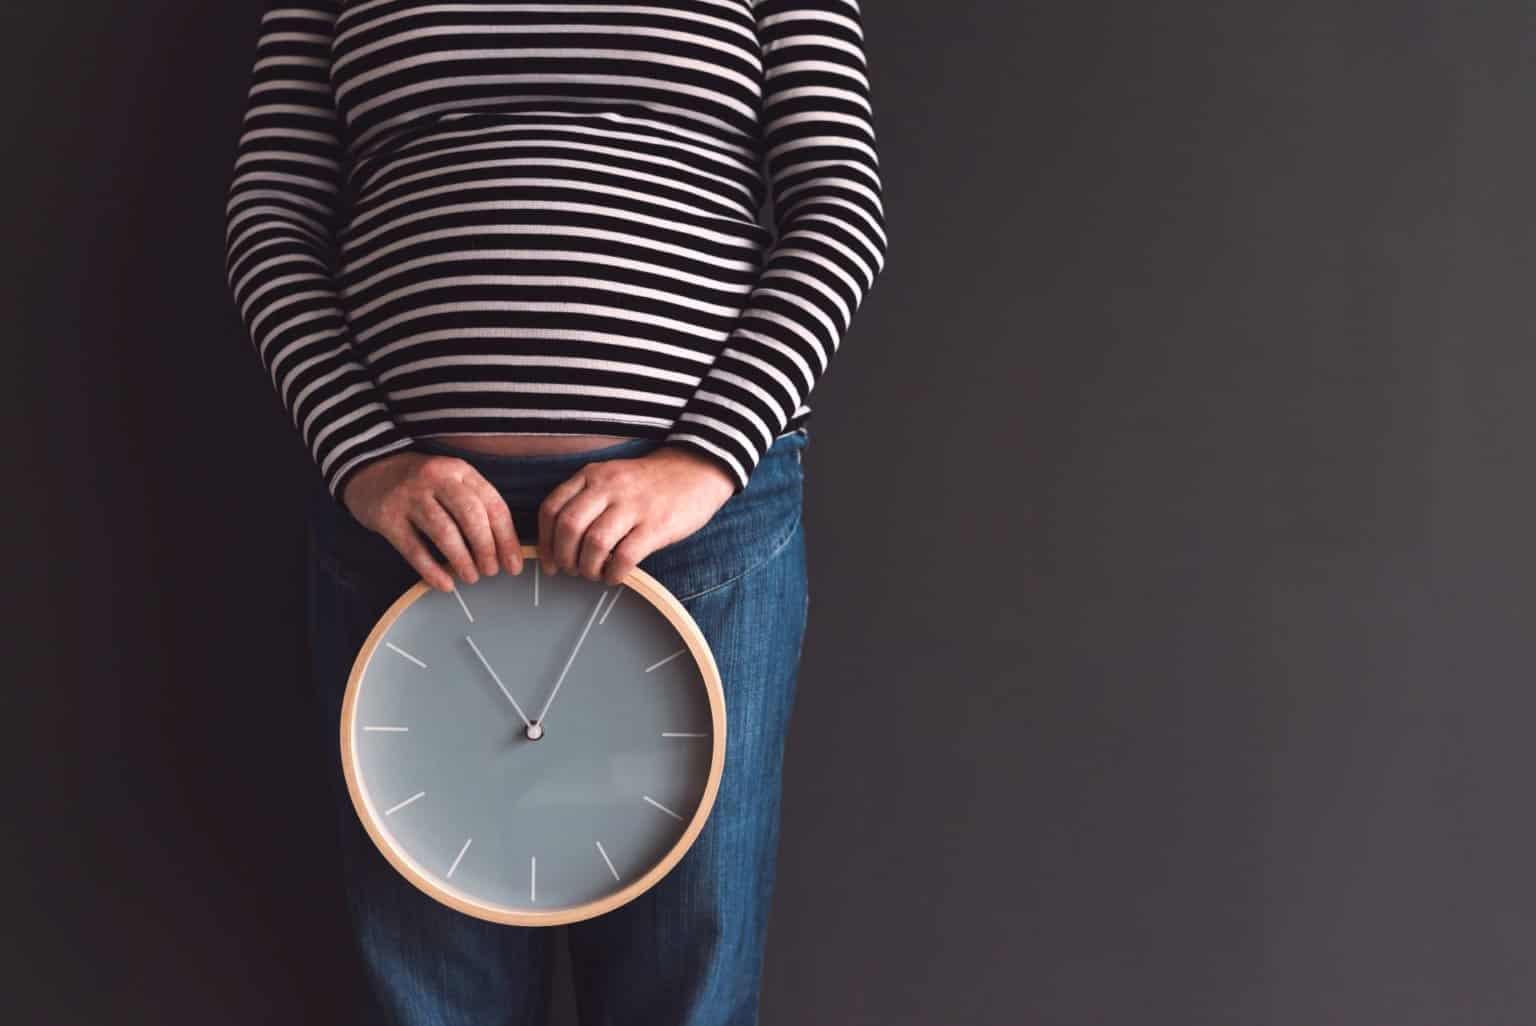 Geburtsterminrechner: Wie wird der Geburtstermin berechnet?